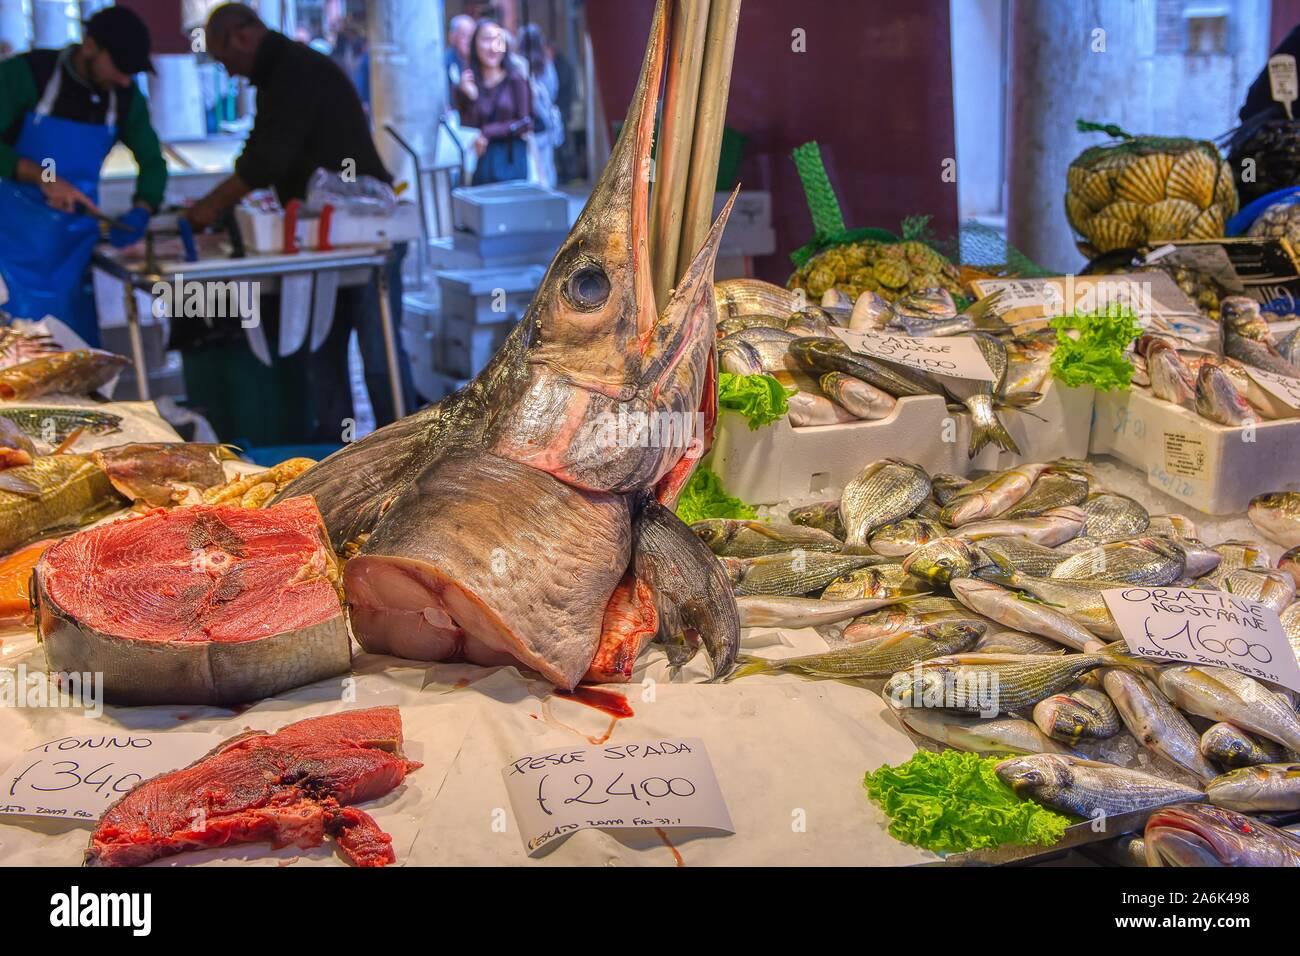 Venice, Italy - October 12, 2019: Fresh seafood for sale at the Rialto farmers market ,Mercato di Rialto, in Venice near the Rialto Bridge and the Gra Stock Photo